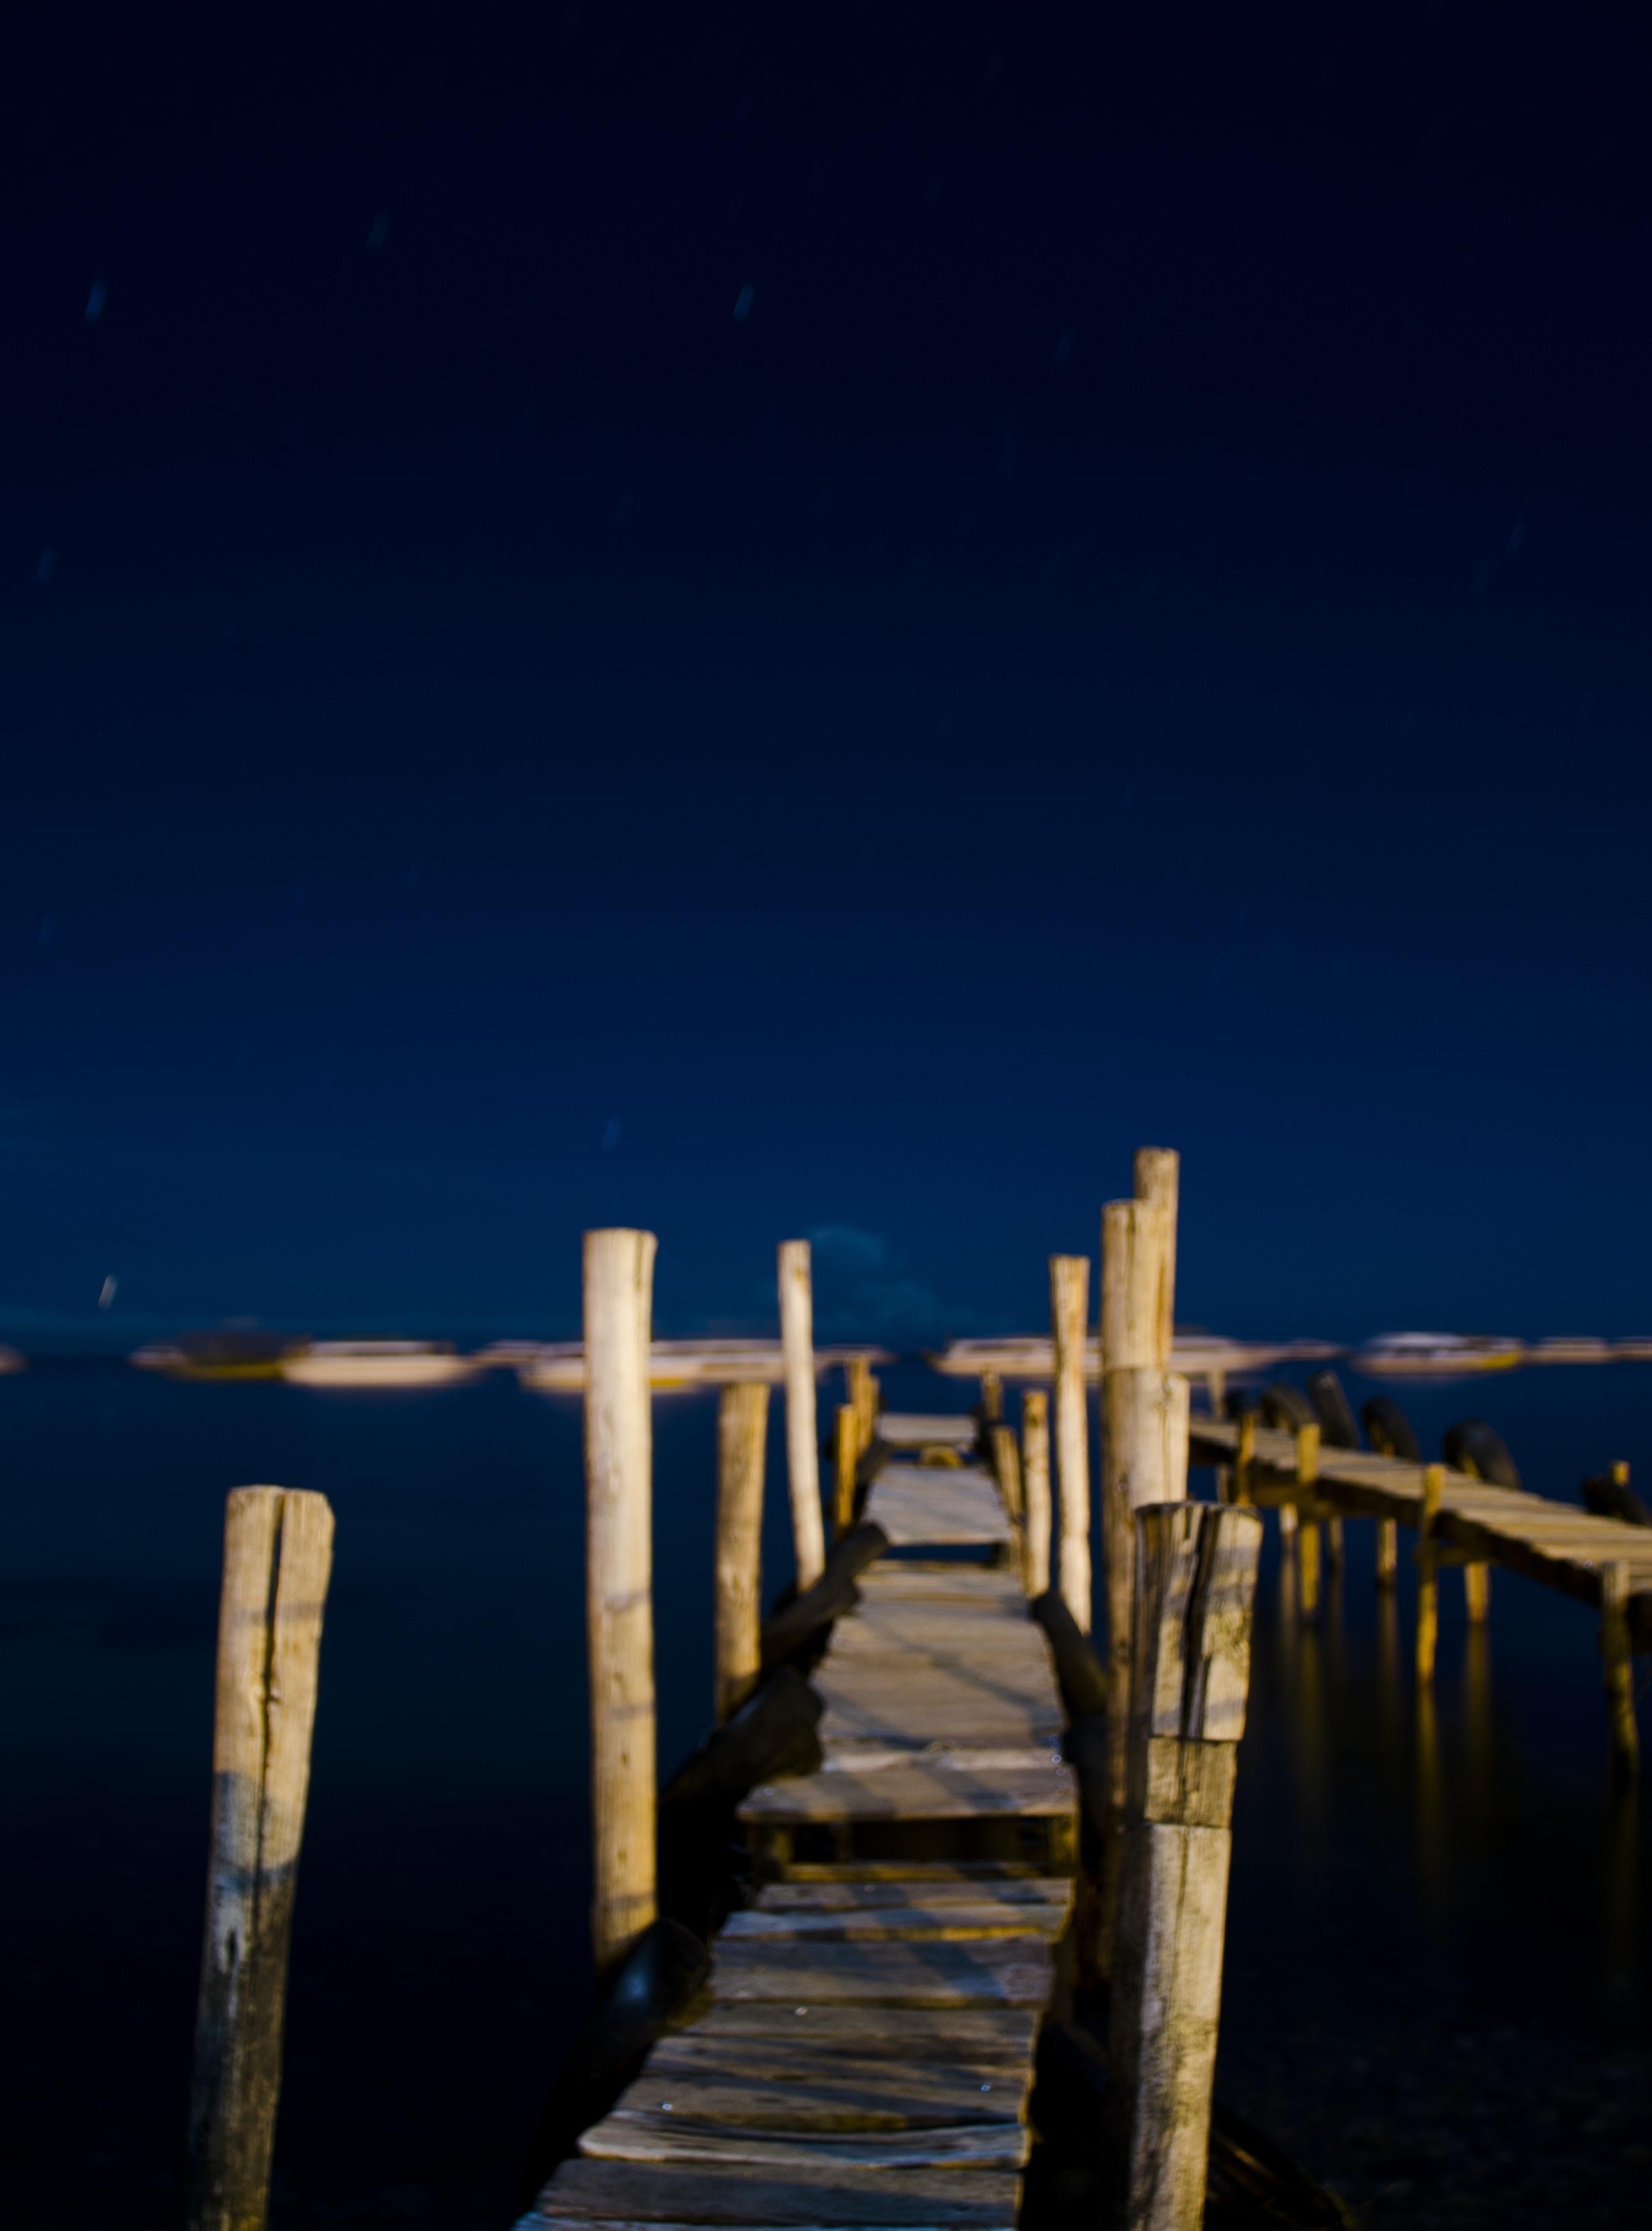 brown dock during nighttime